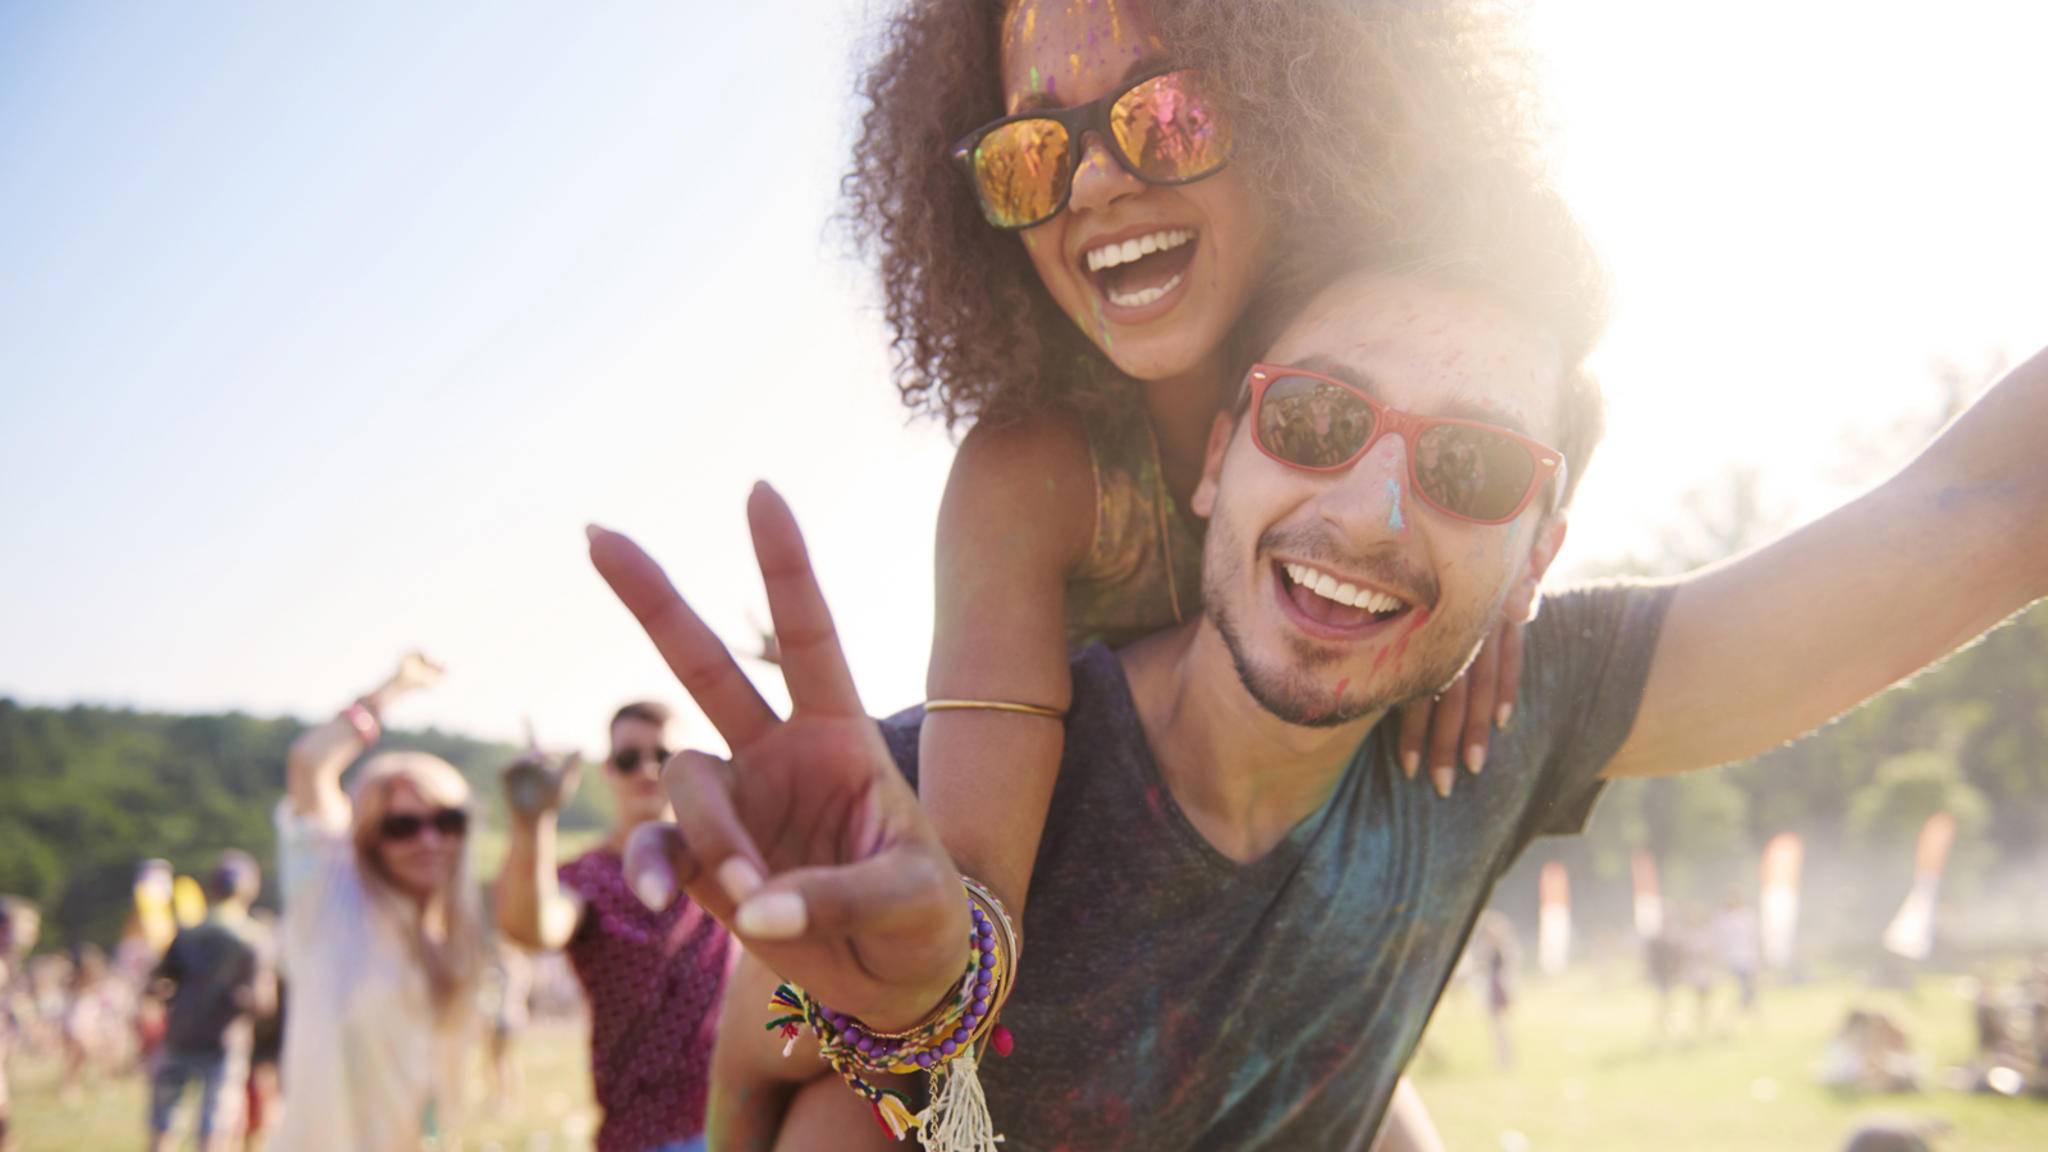 Du brauchst noch eine passende Begleitung für das nächste Konzert oder Festival? Dating-App Swoonbox soll schon bald bei der Suche helfen.